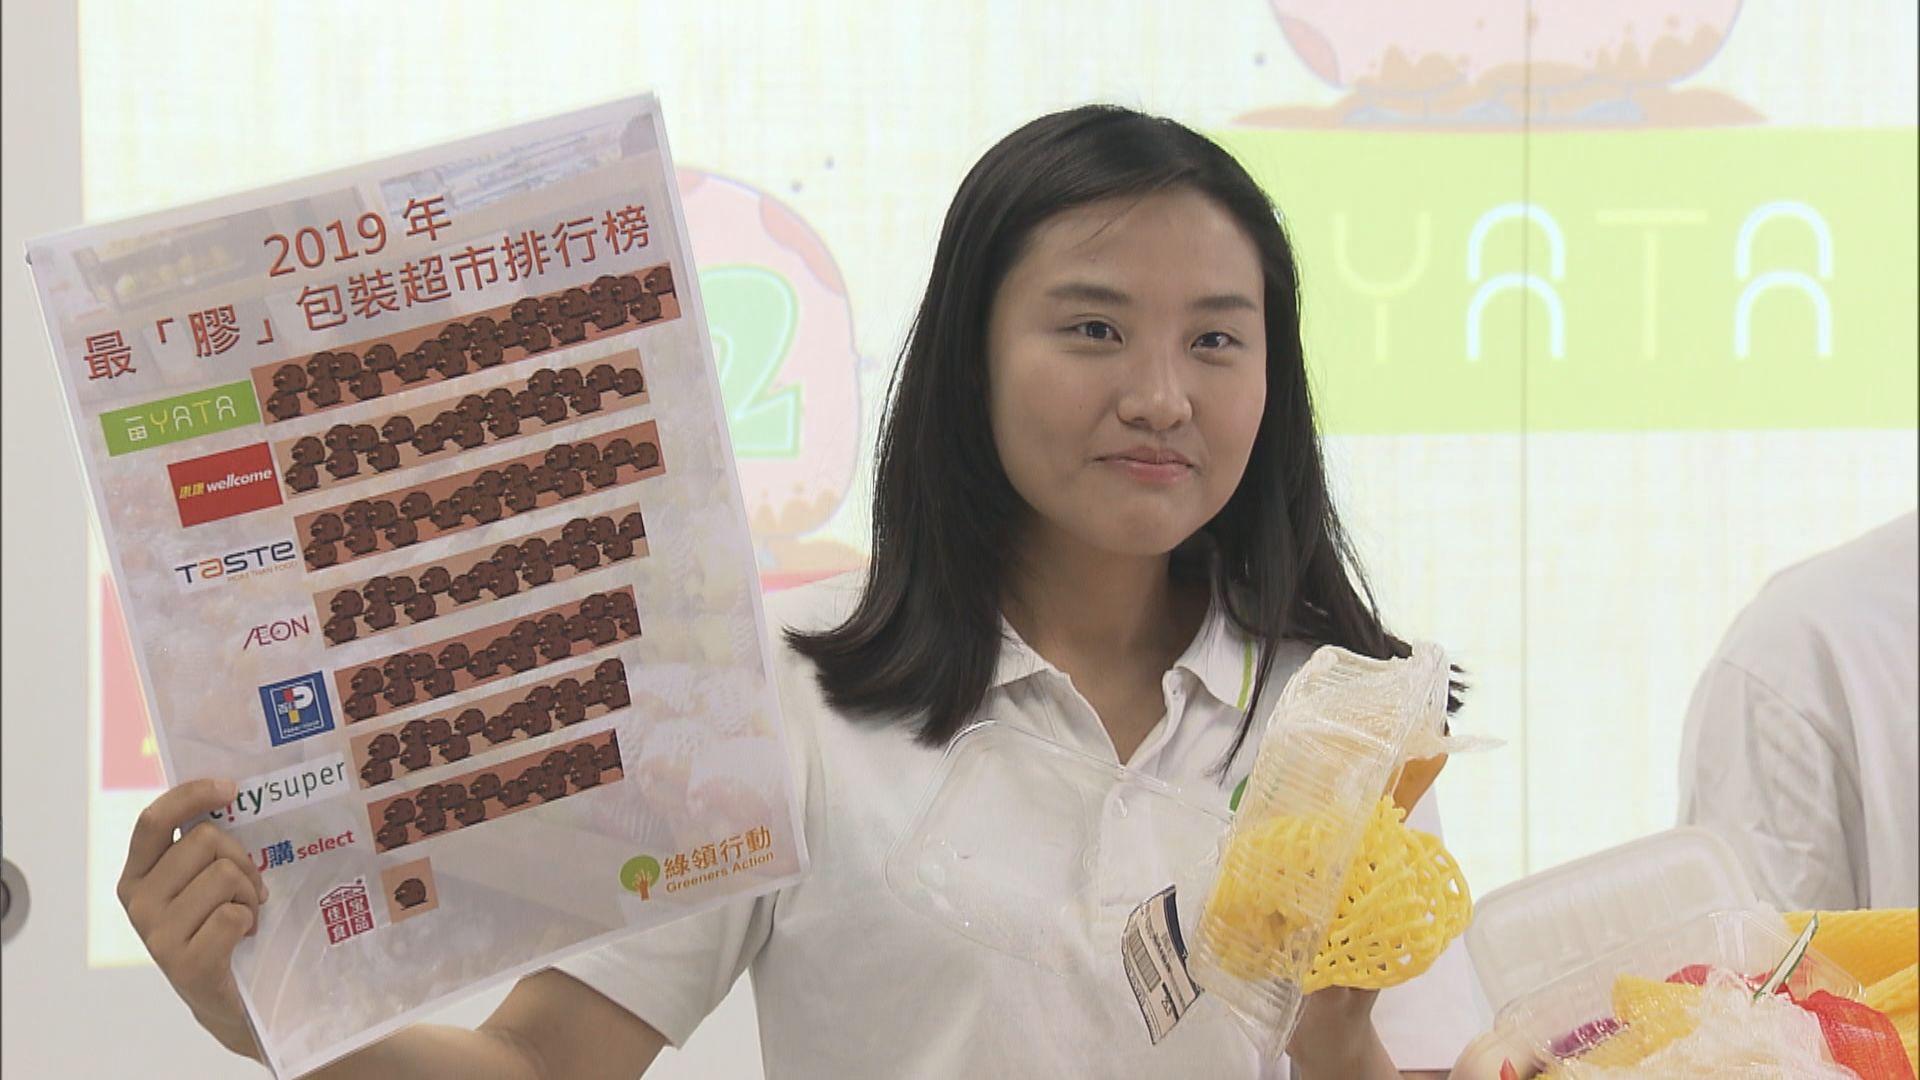 綠領行動:大型超市蔬果濫用包裝情況無改善